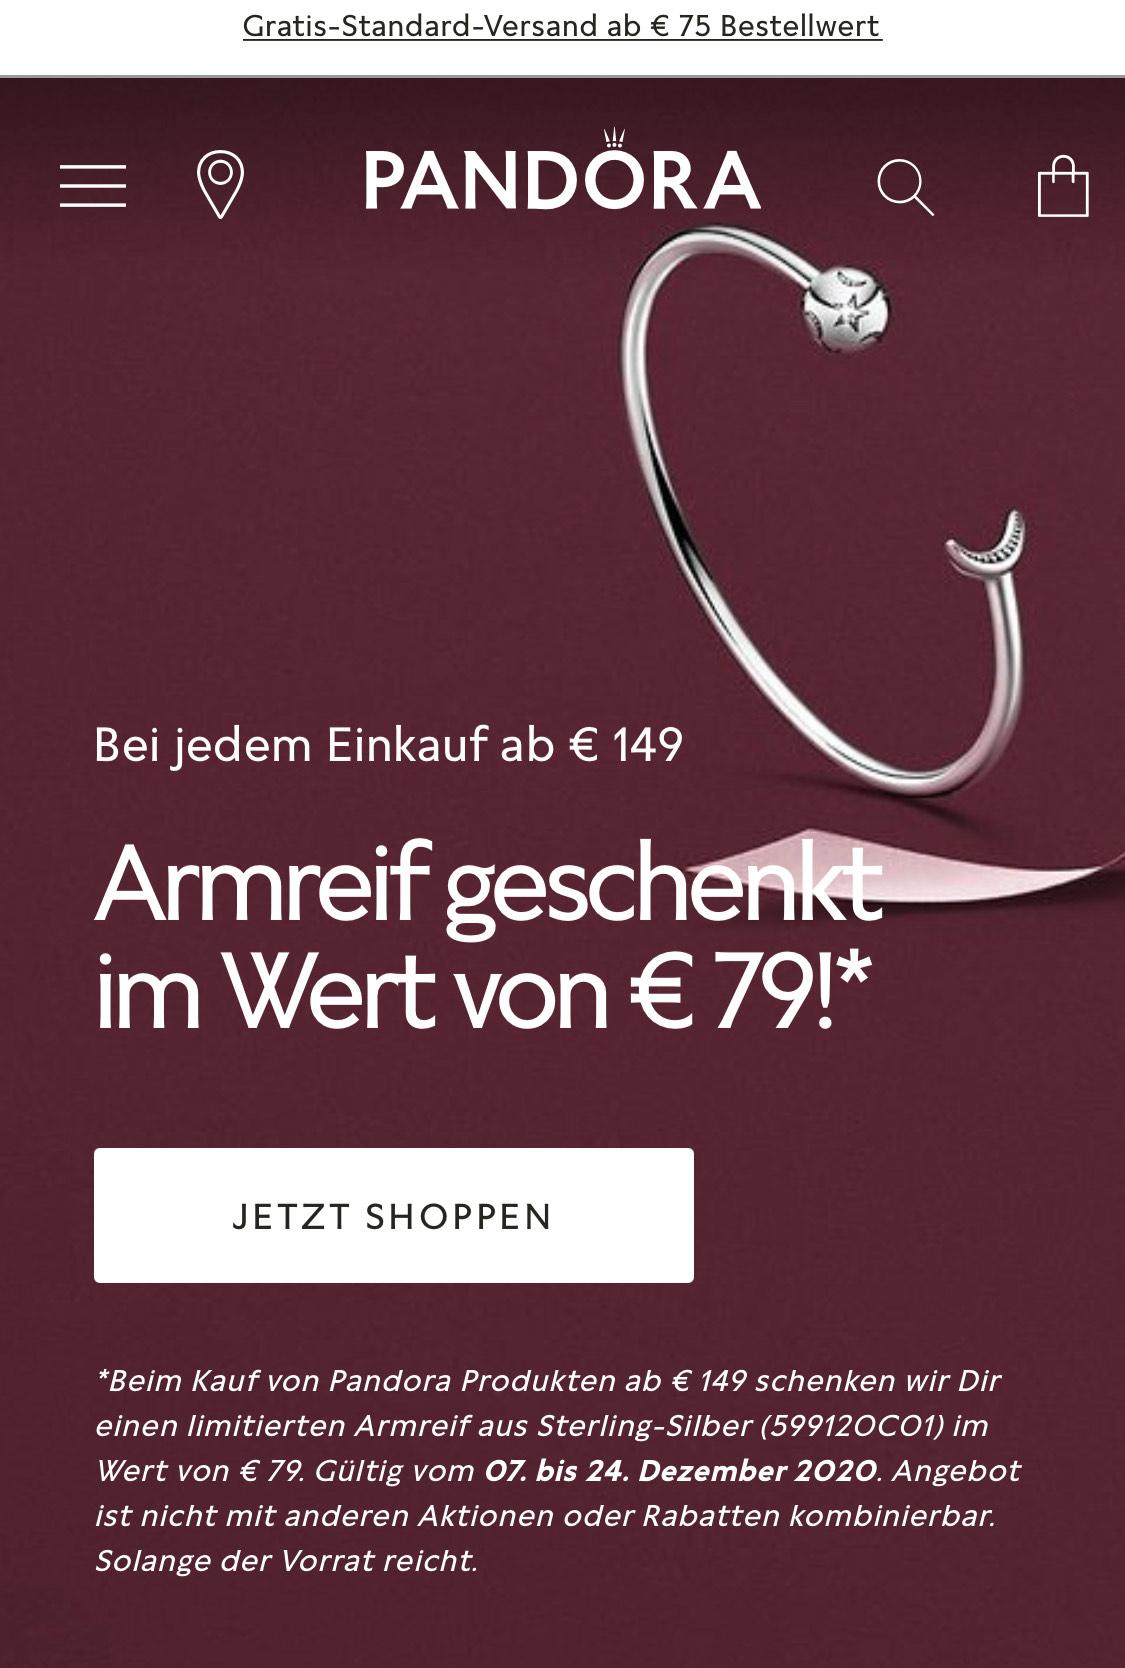 Pandora / kostenloser Armreif aus Sterling-Silber im Wert von 79€ ab Einkauf von 149€